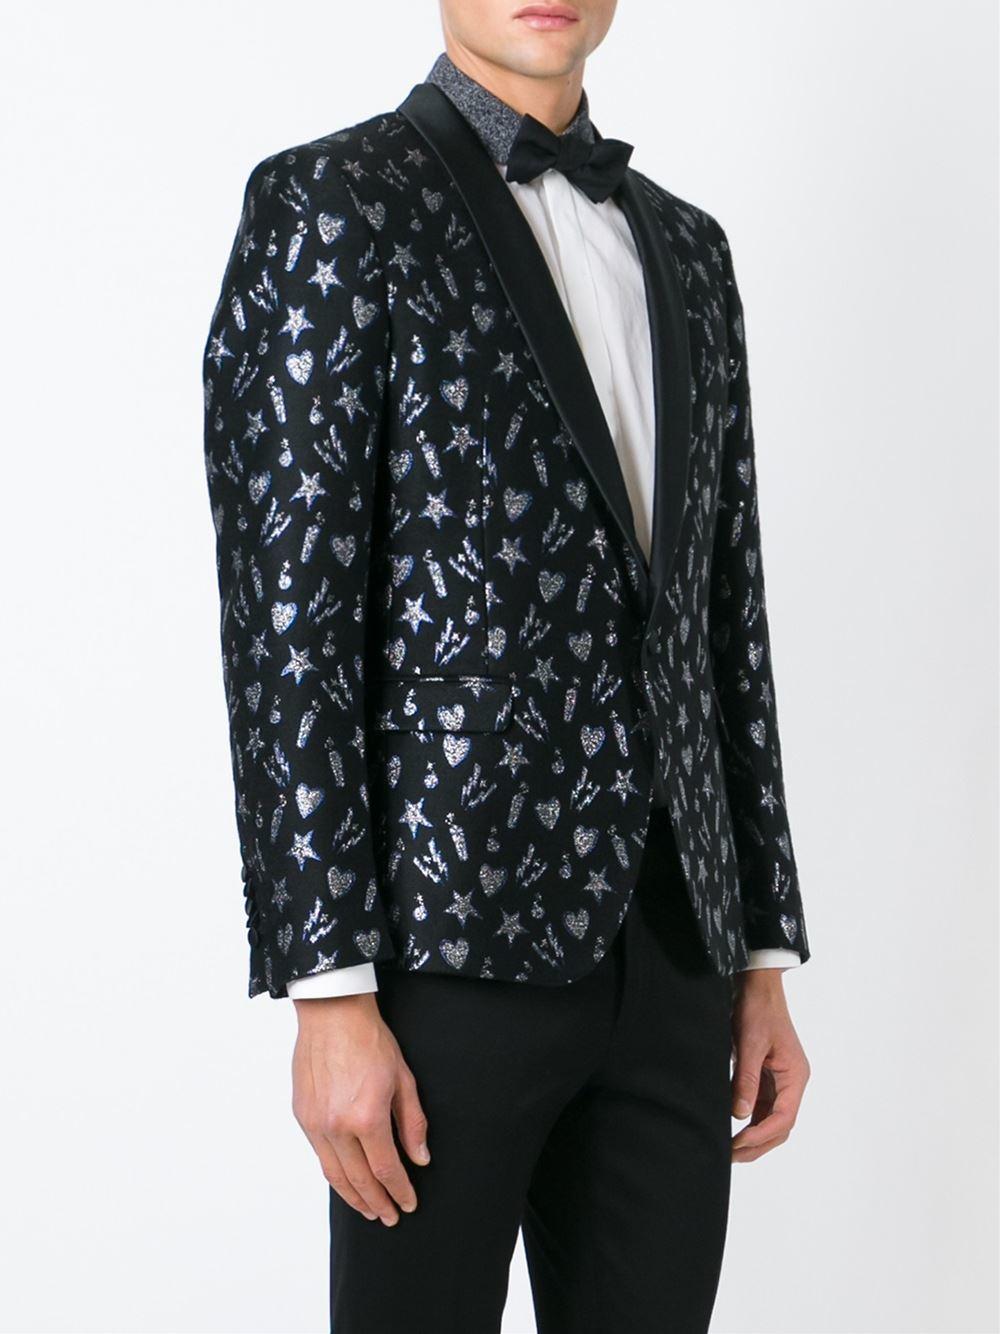 Msgm Patterned Dinner Suit Jacket in Black for Men | Lyst